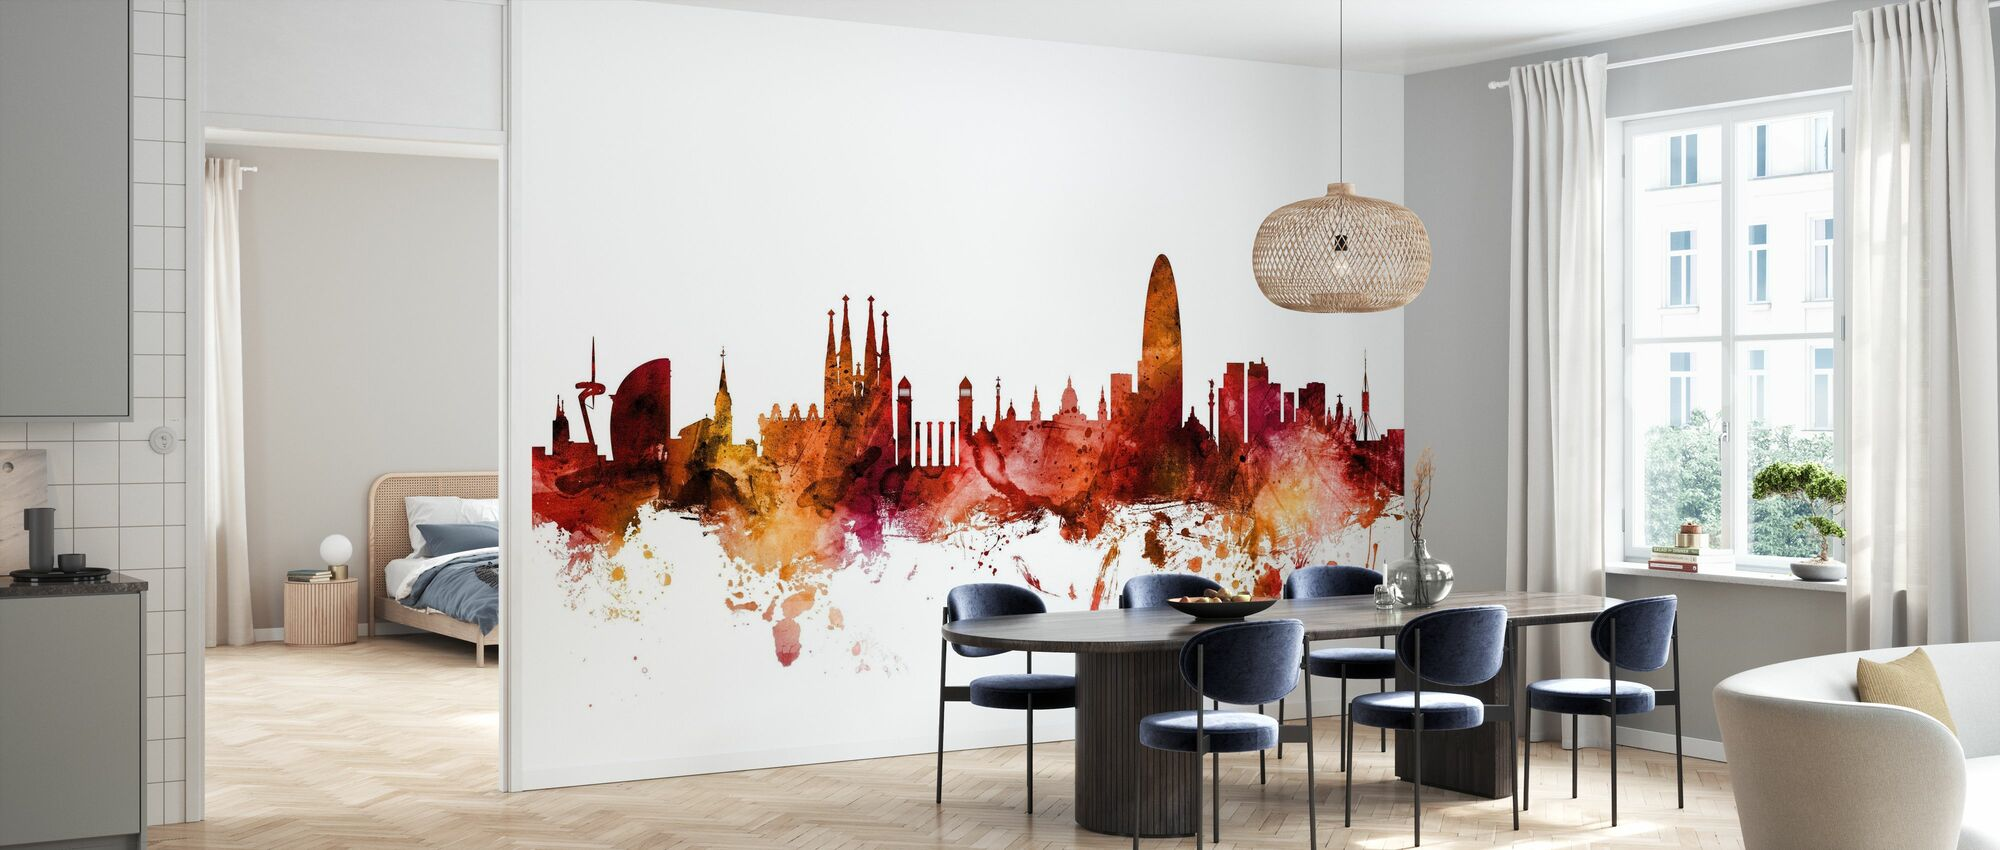 Barcelona España Skyline - Papel pintado - Cocina